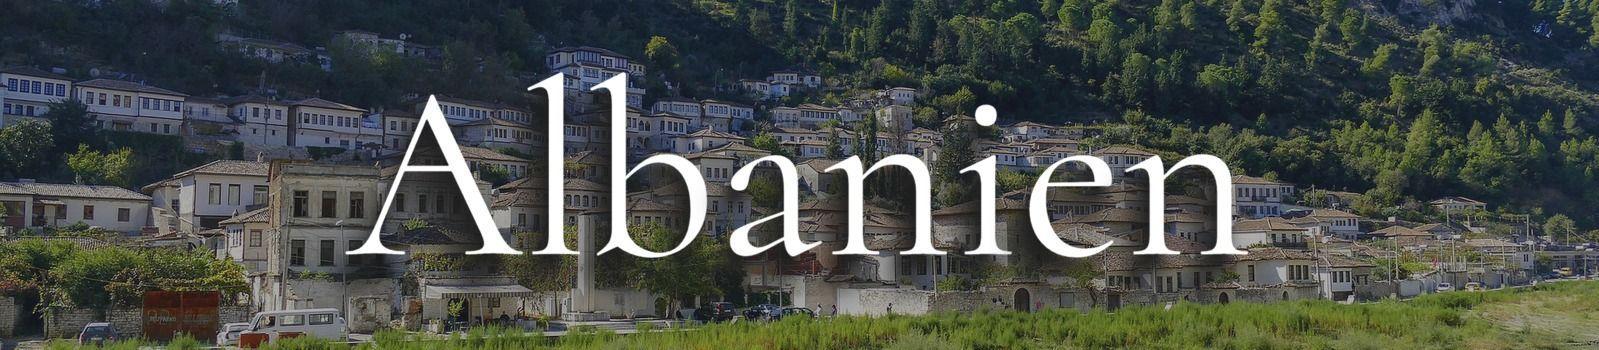 Albanien Banner